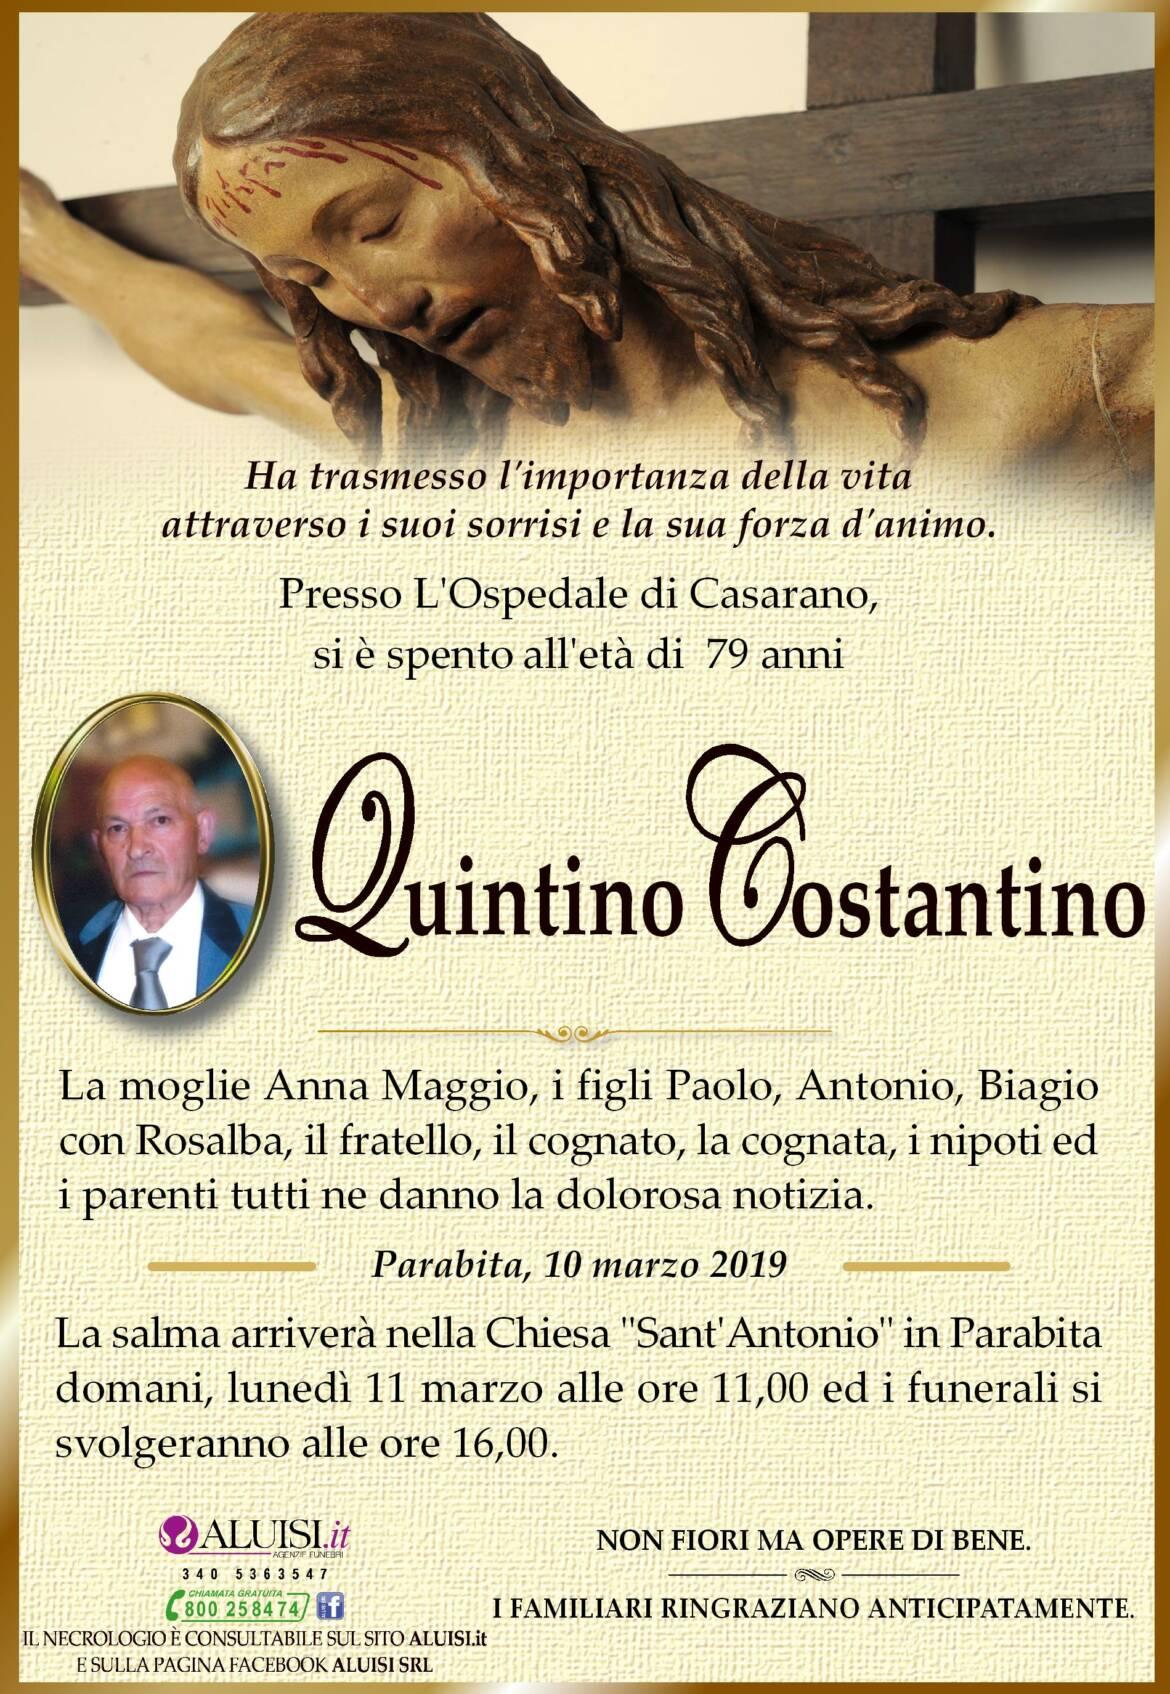 annuncio-Quintino-Costantino-fb-1.jpg